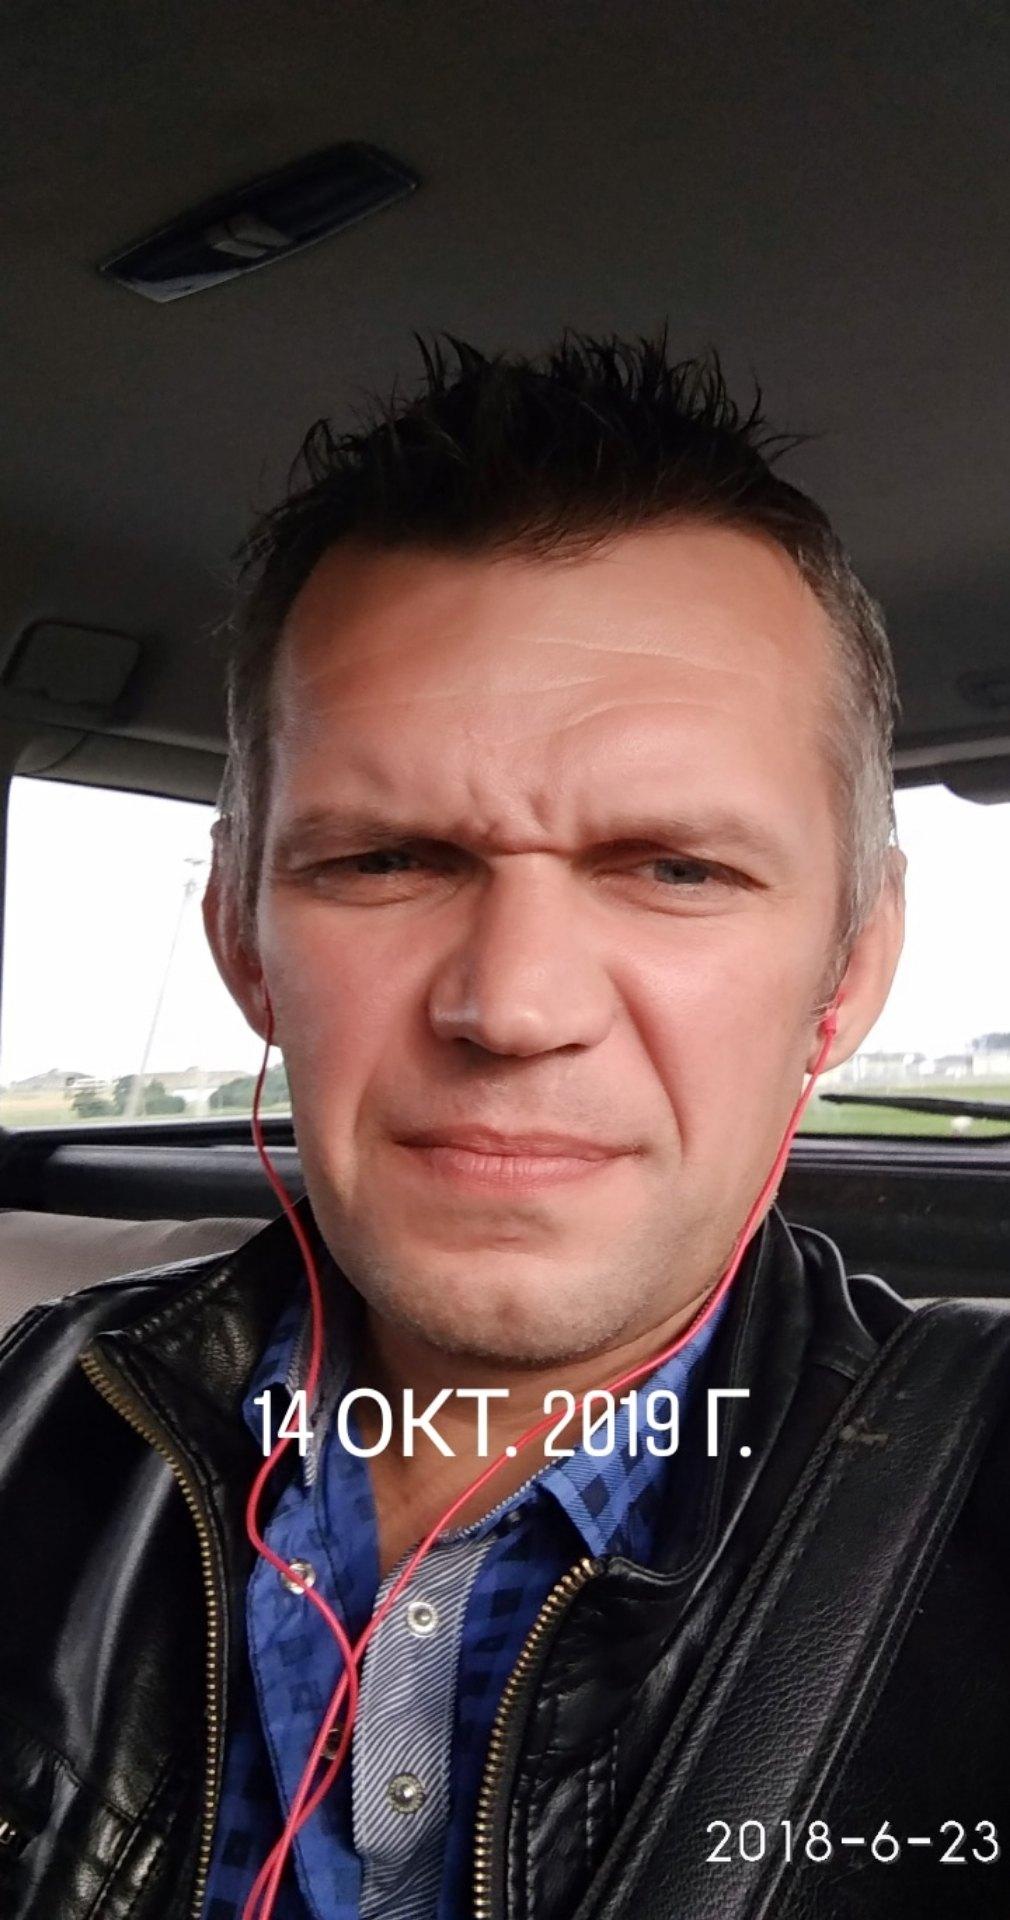 Serg, 40, Byelaazyorsk